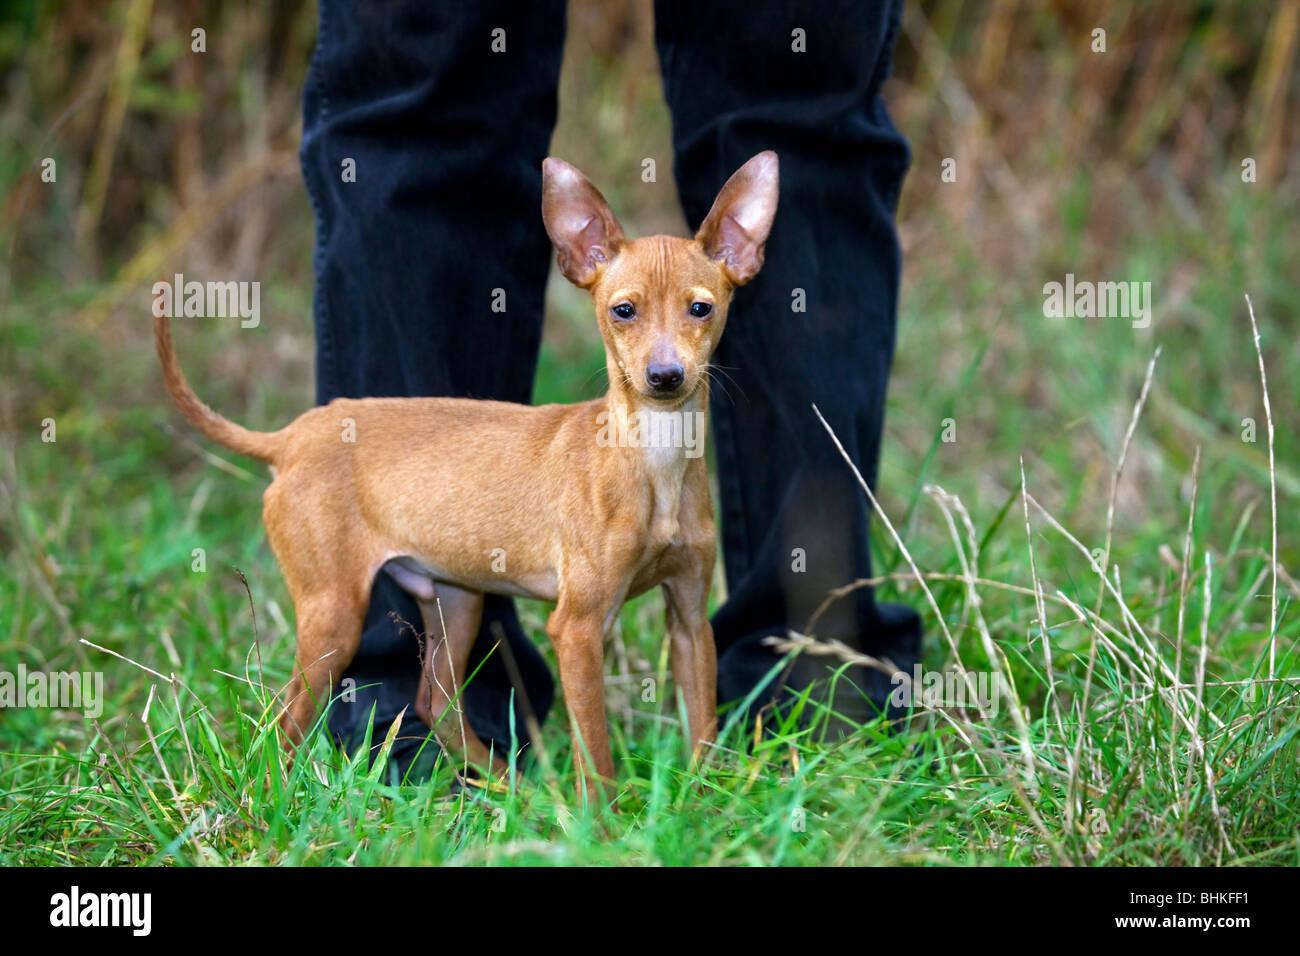 Miniature Pinscher / Zwergpinscher / Min Pin (Canis lupus familiaris) between man's legs - Stock Image